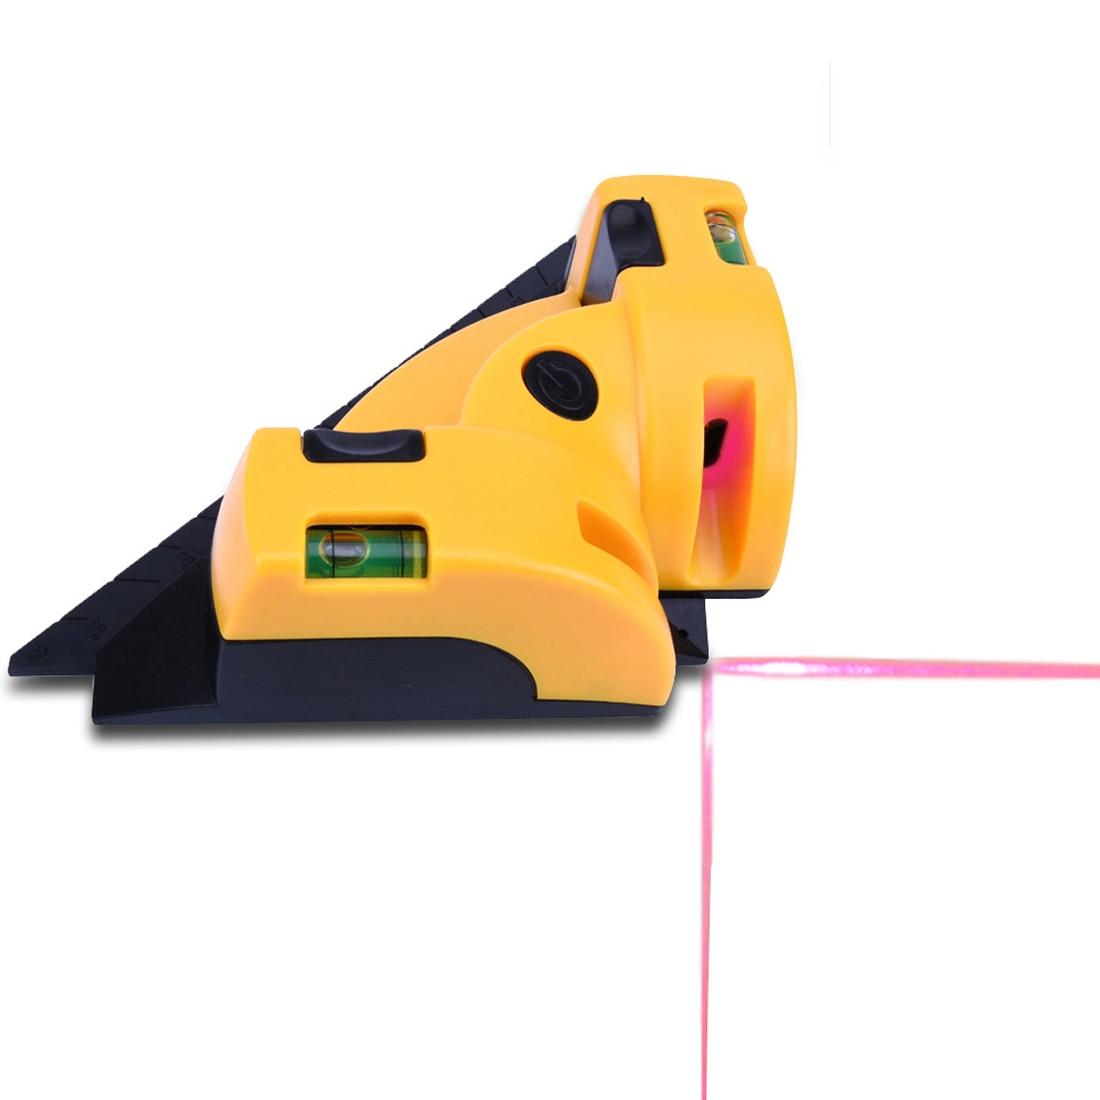 Projeção A Laser Quadrado Ângulo Direito